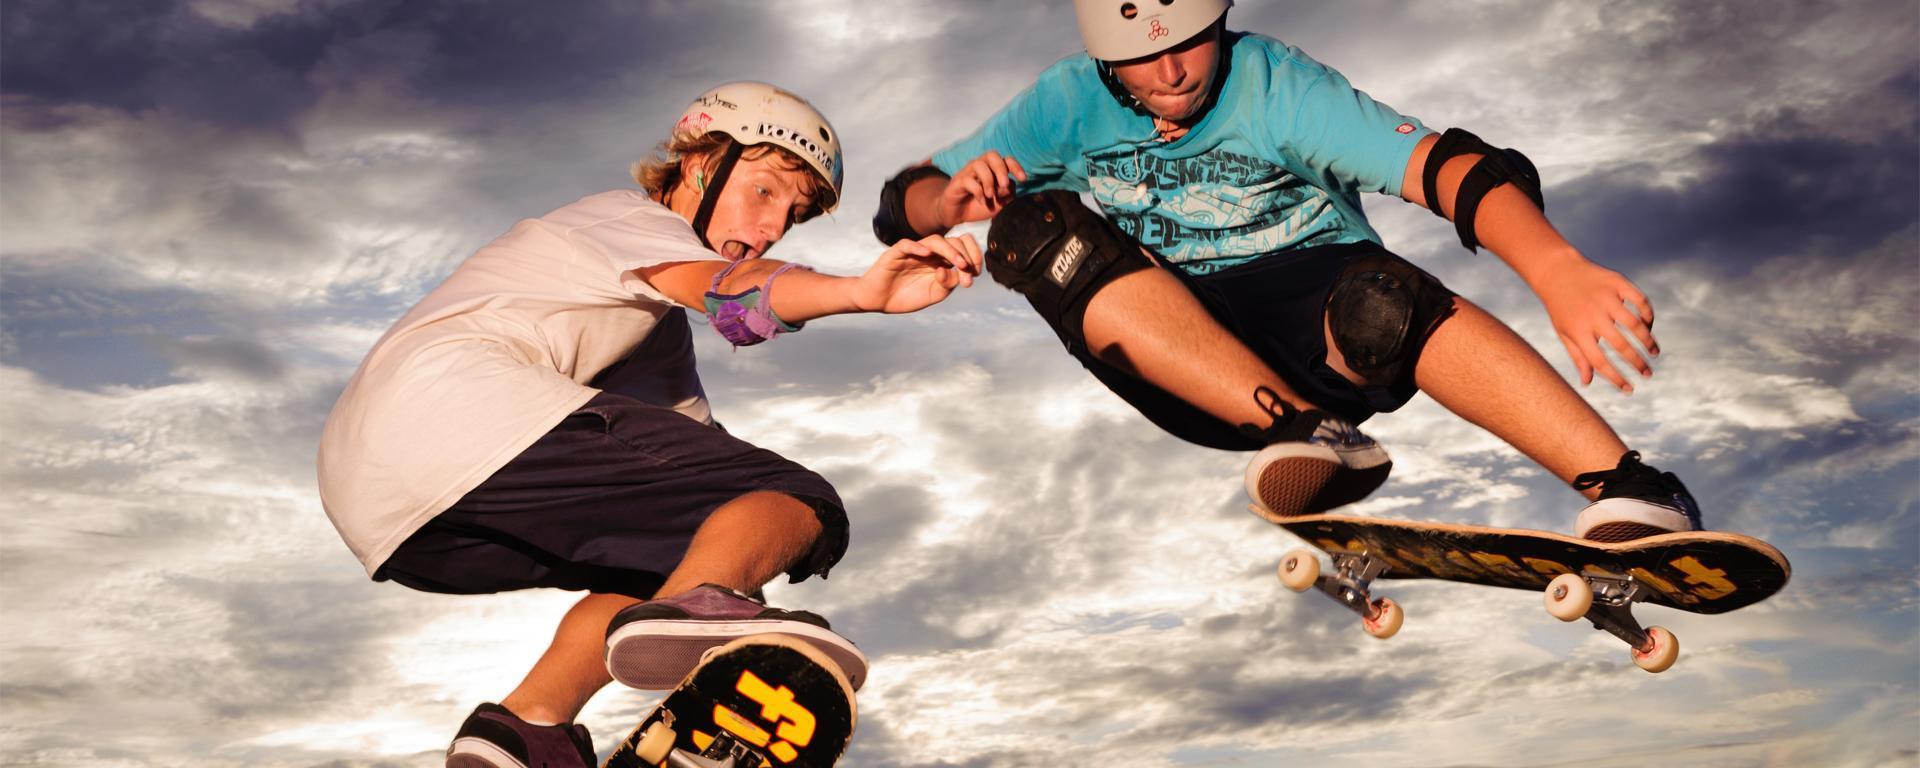 Two boys skating at the Skate Park